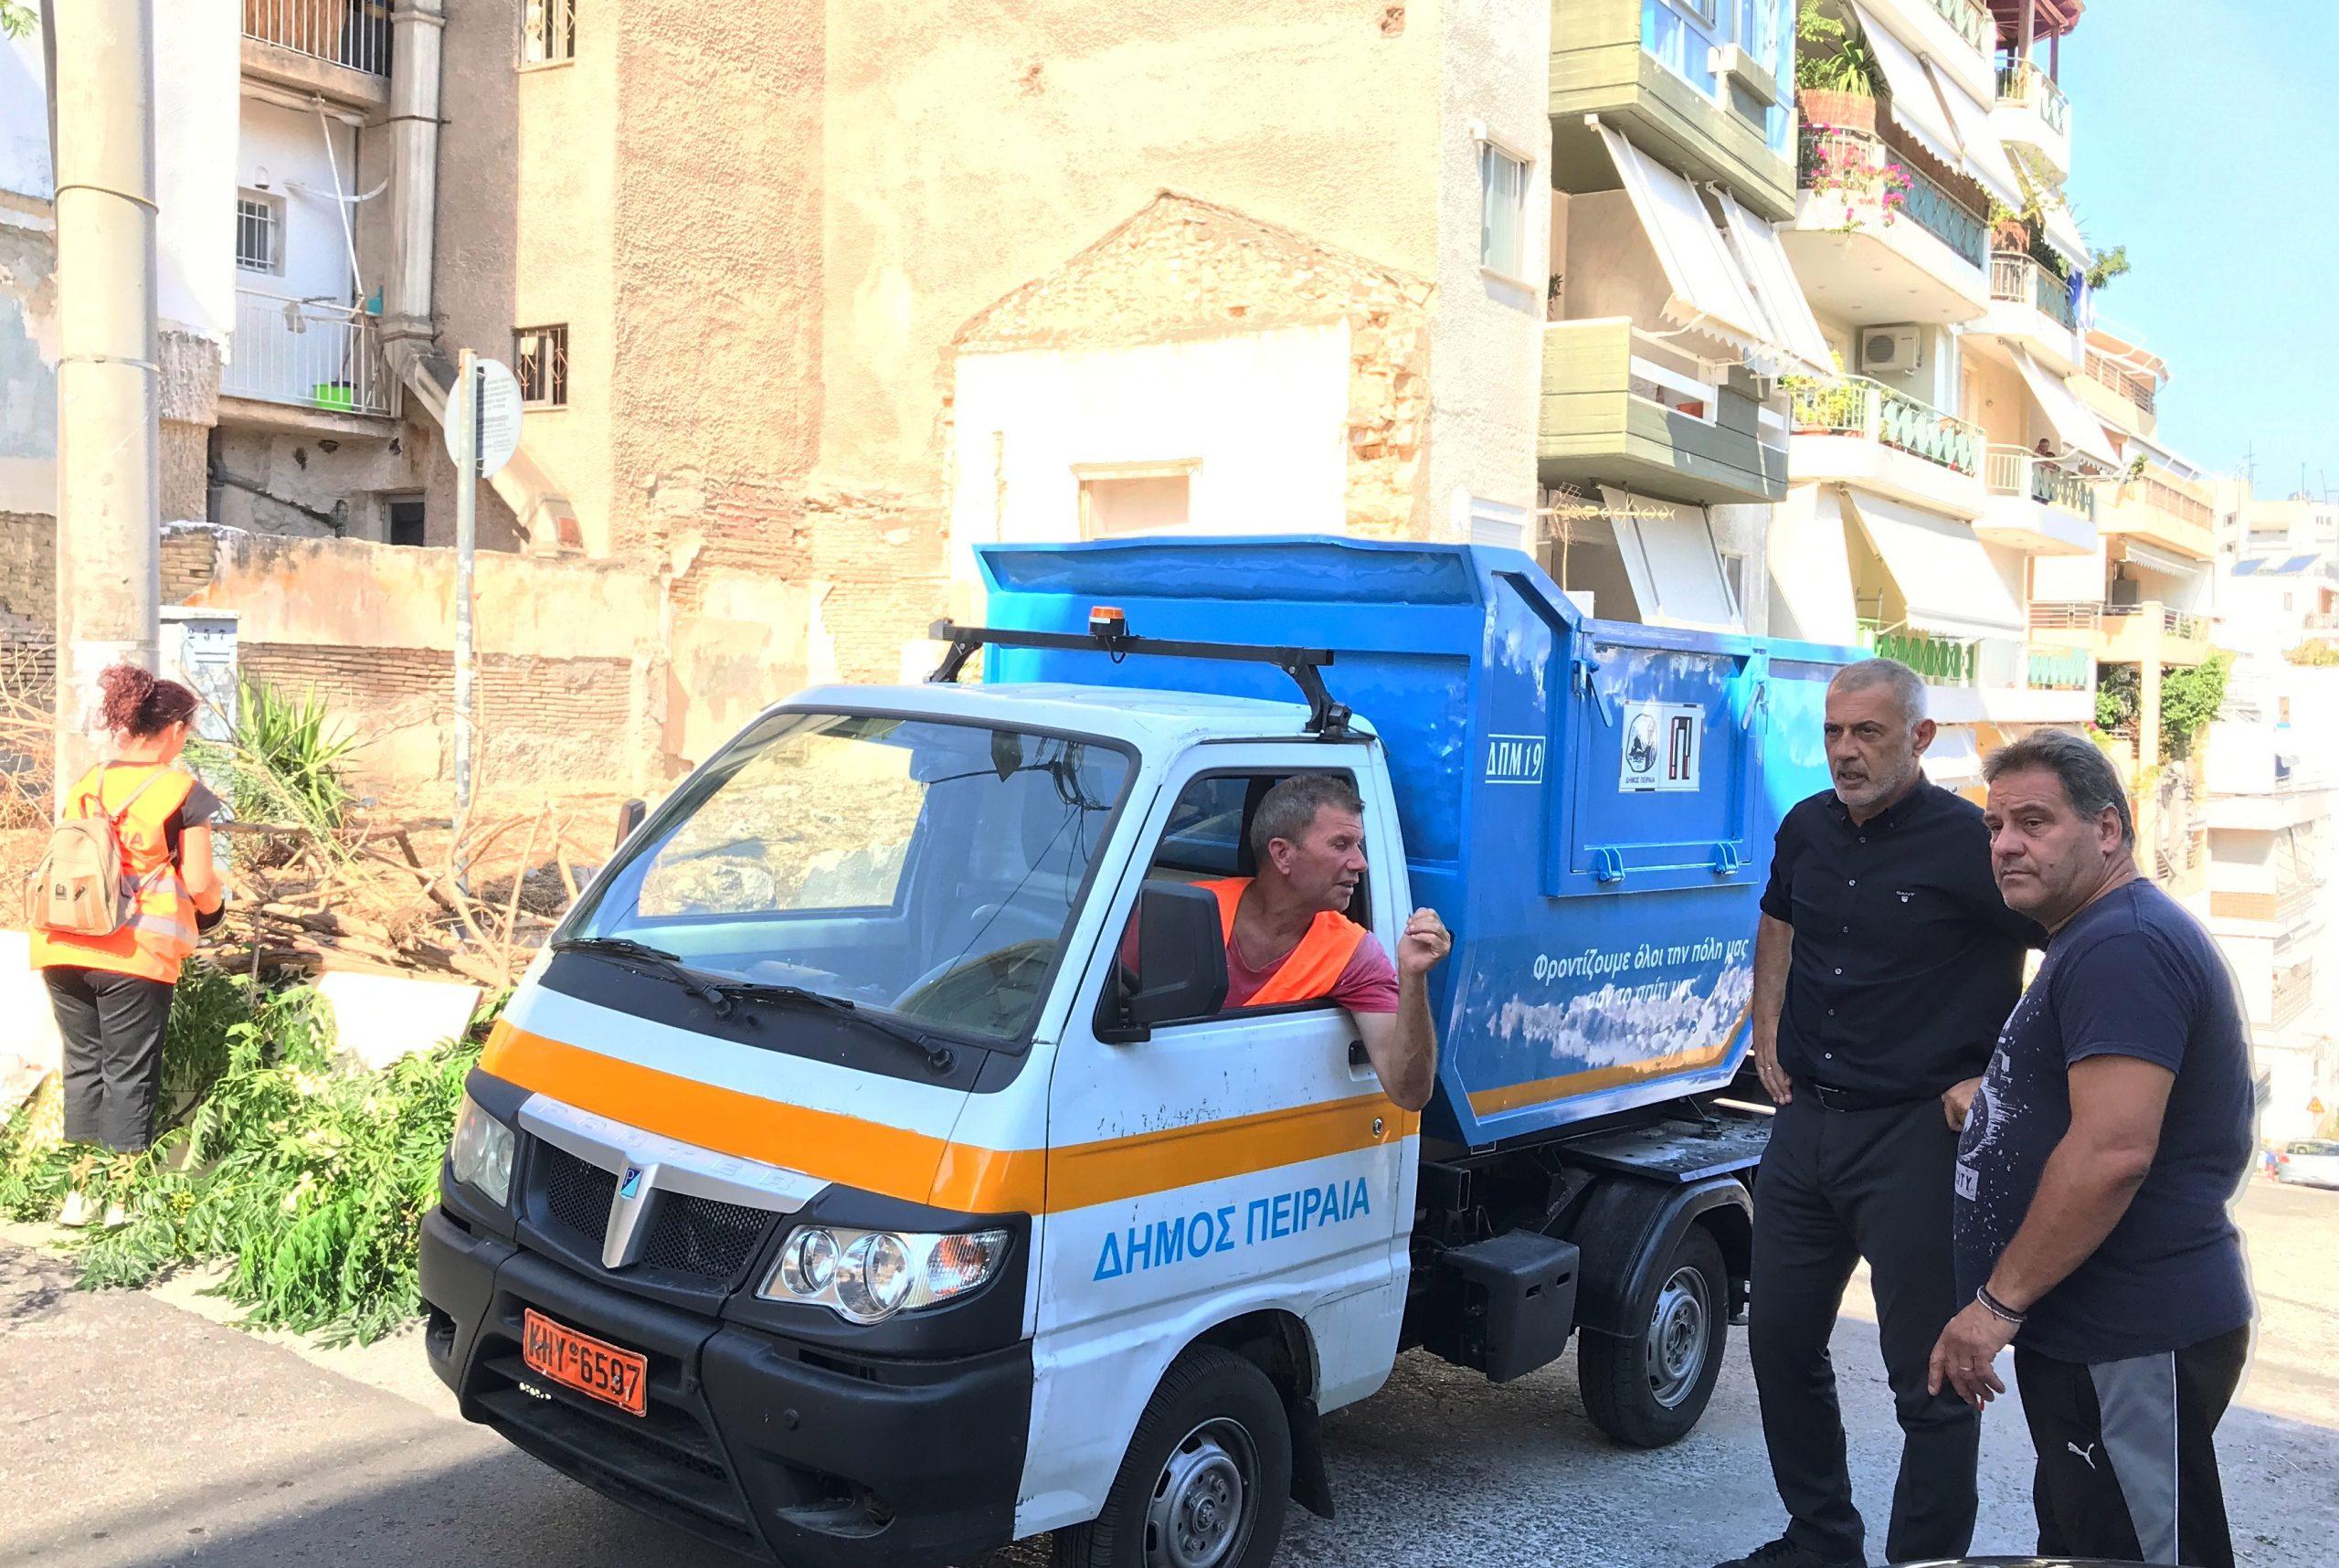 Δήμος Πειραιά: Επιχείρηση καθαρισμού στην οδό Αθανασίου Διάκου, στη Β΄ Δημοτική Κοινότητα (video)